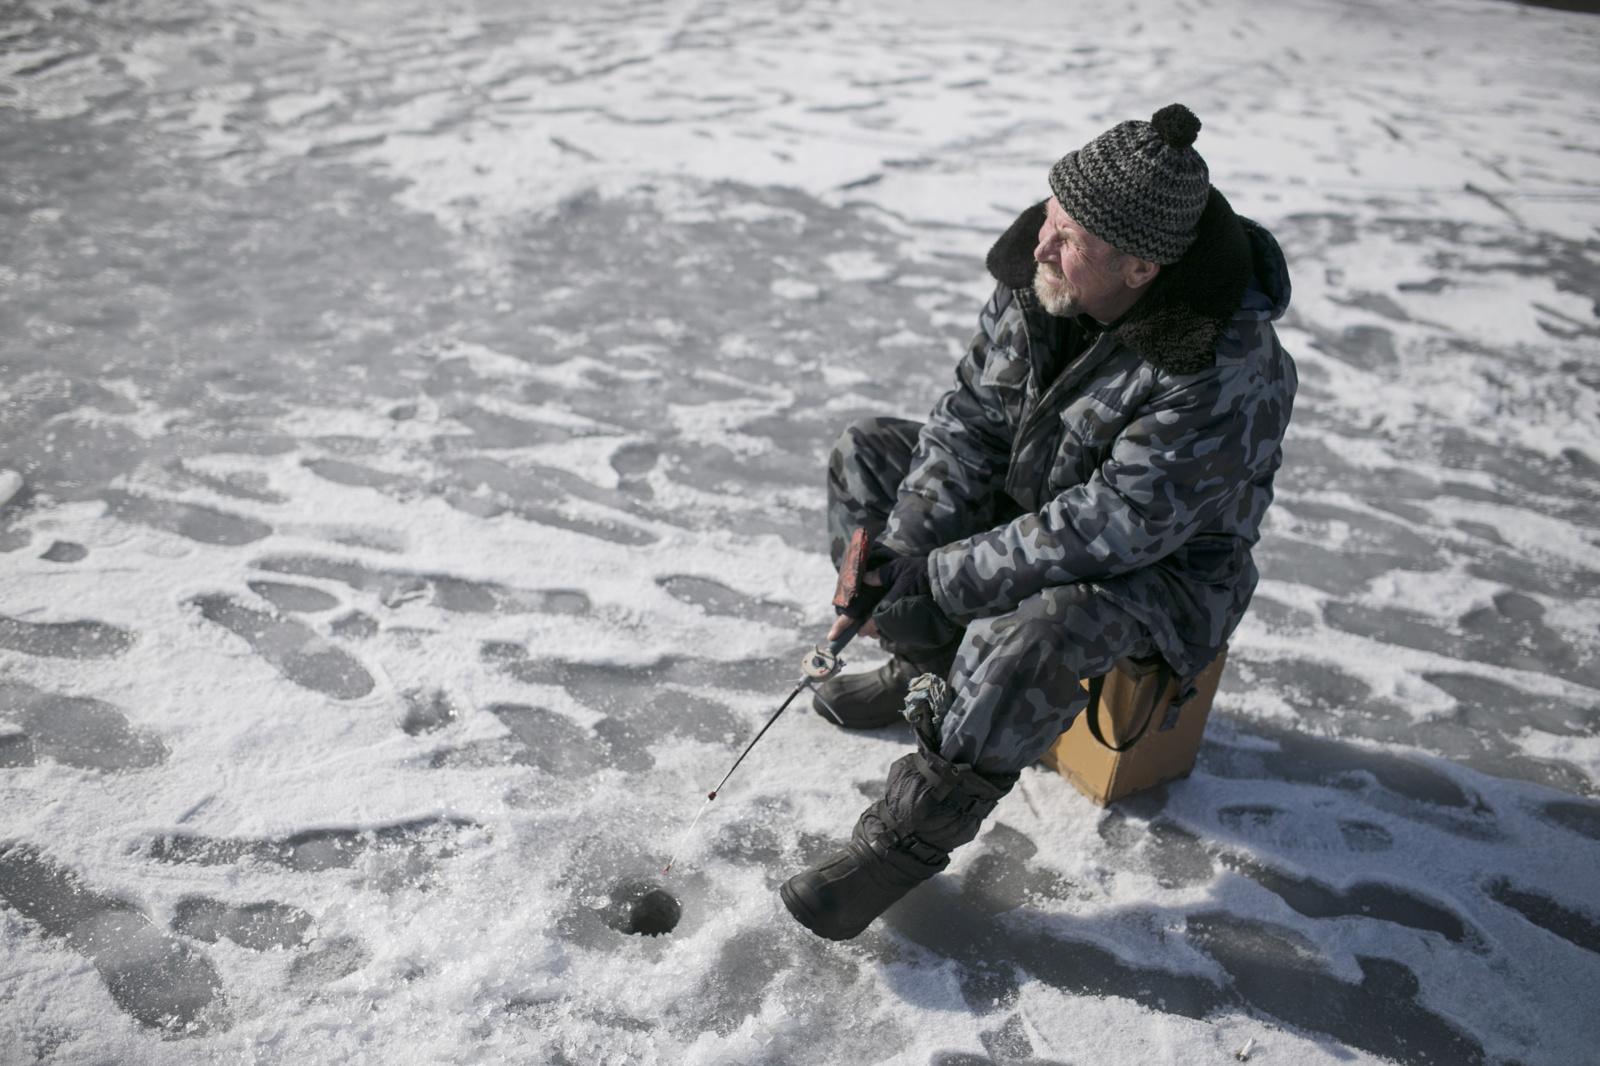 Kaip elgtis ant ledo, kad išvengti nelaimės?